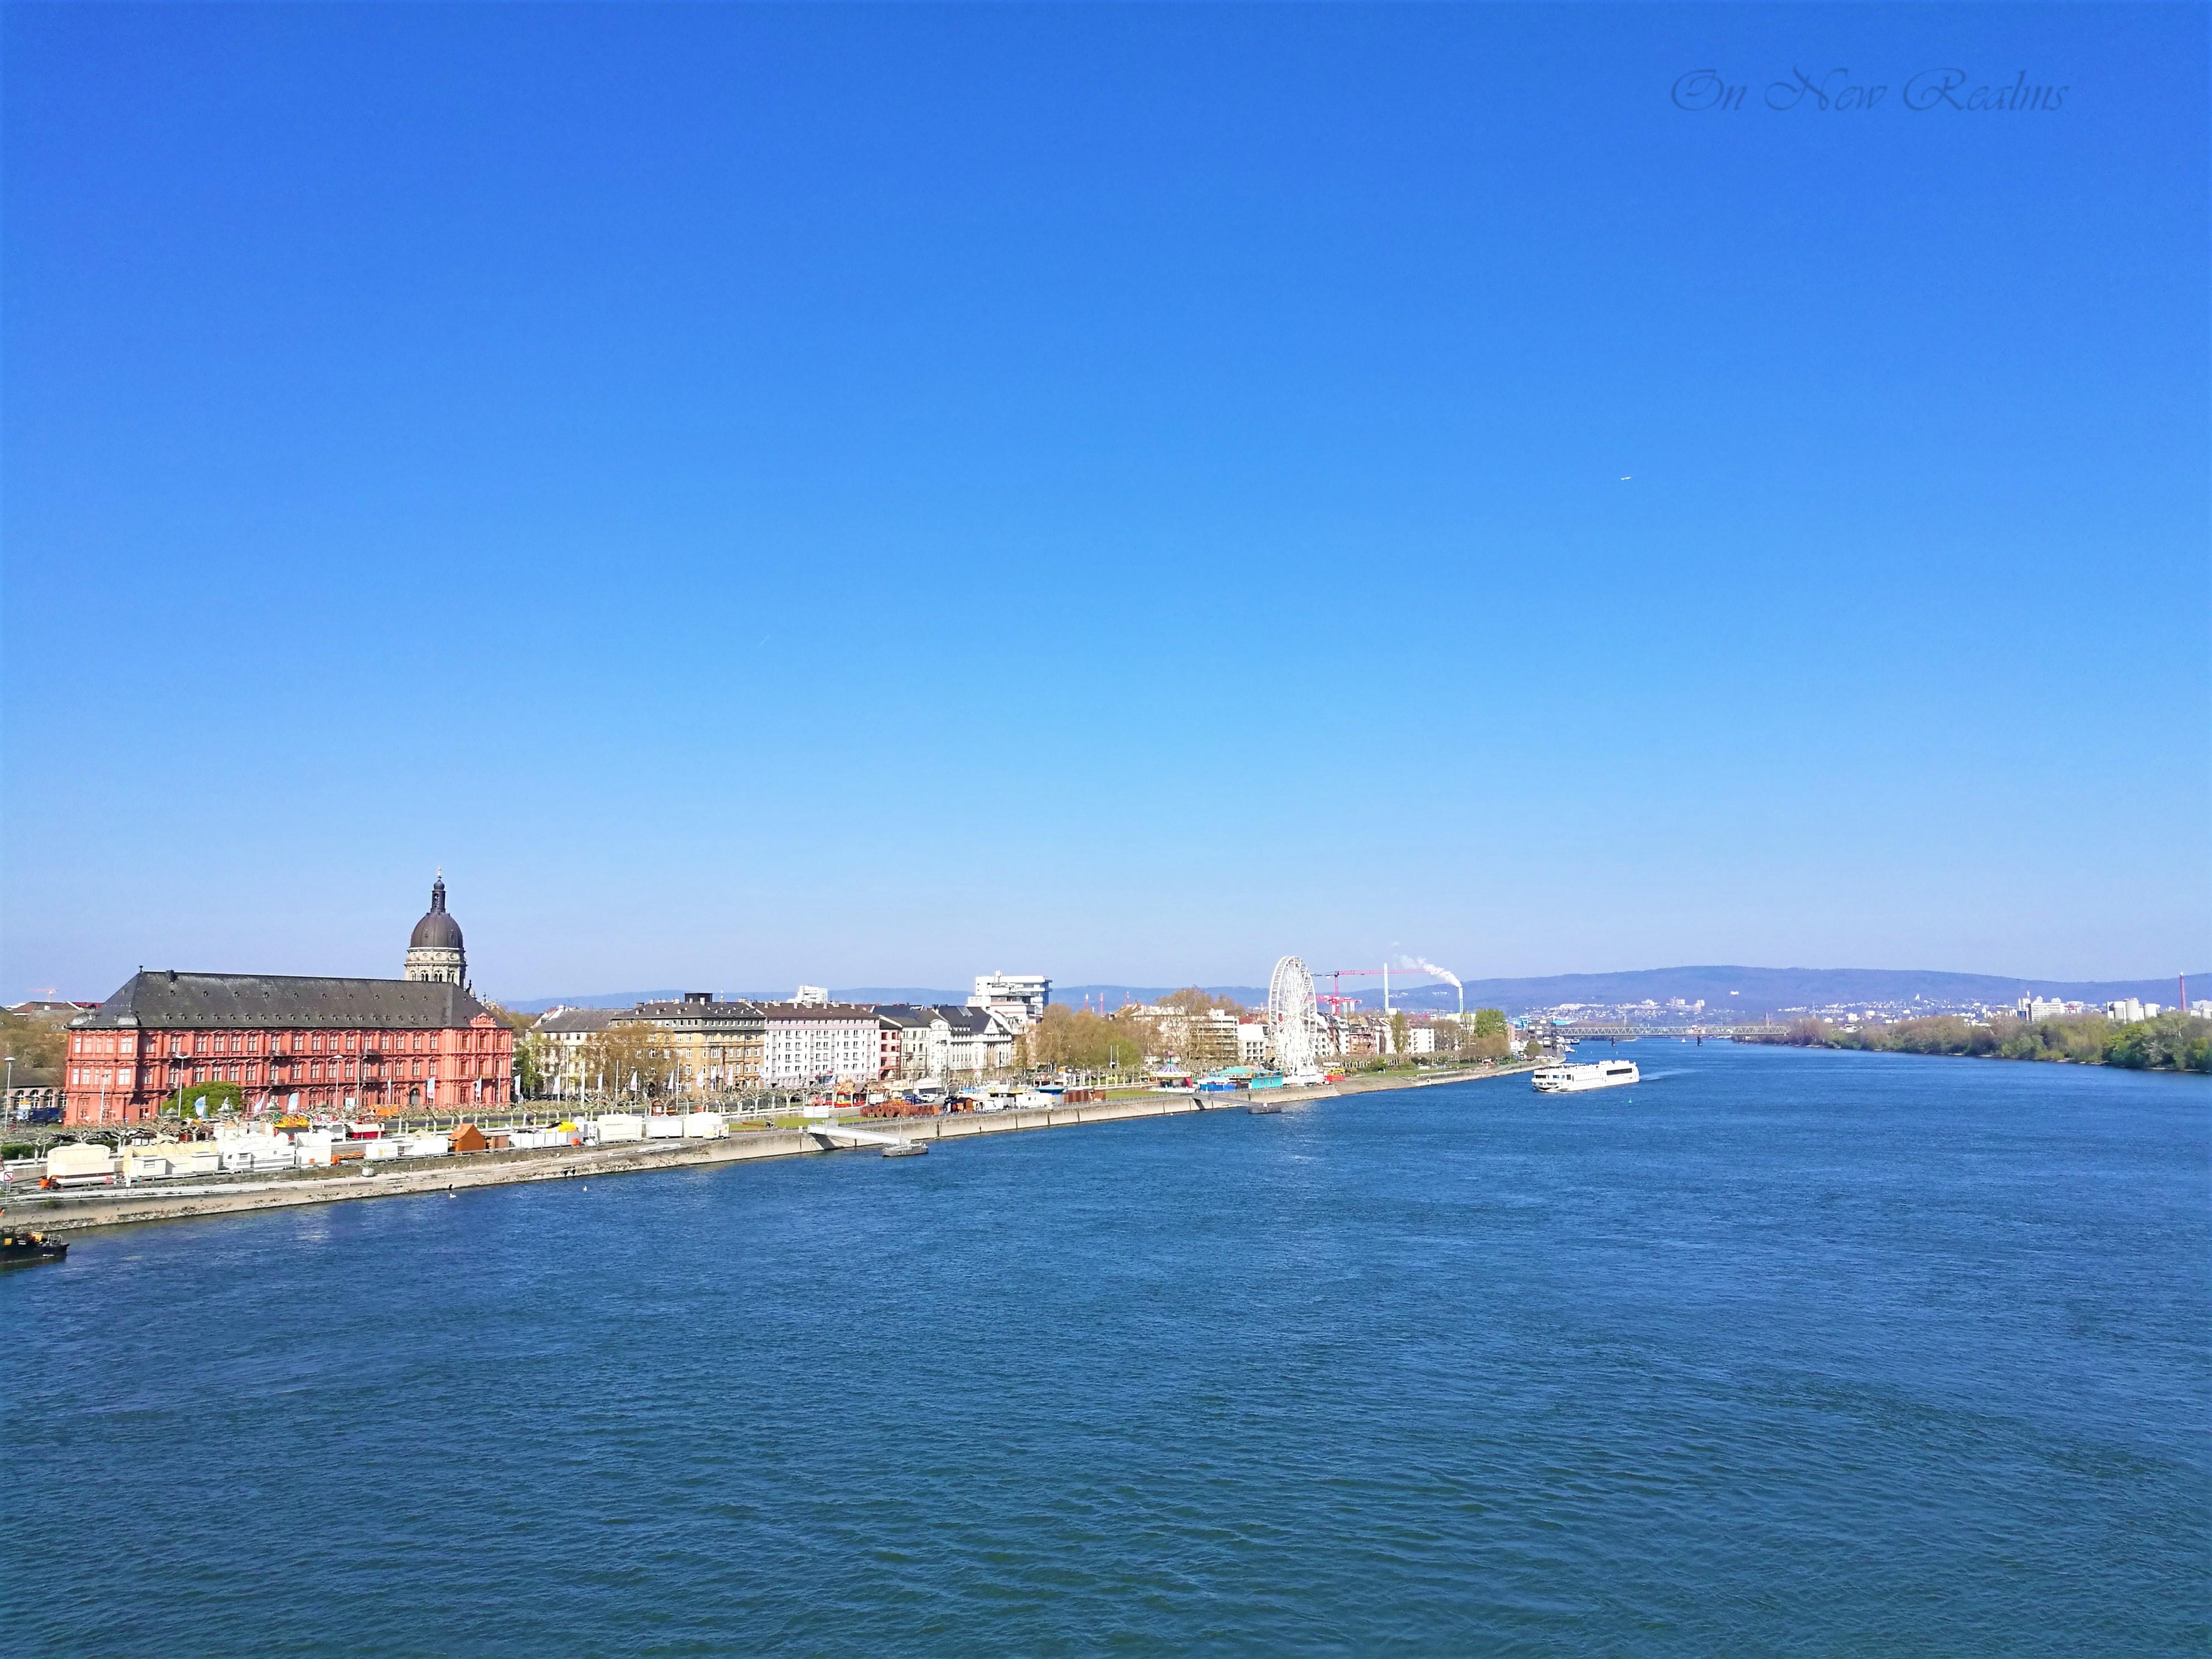 Rheinufer-Mainz-Germany